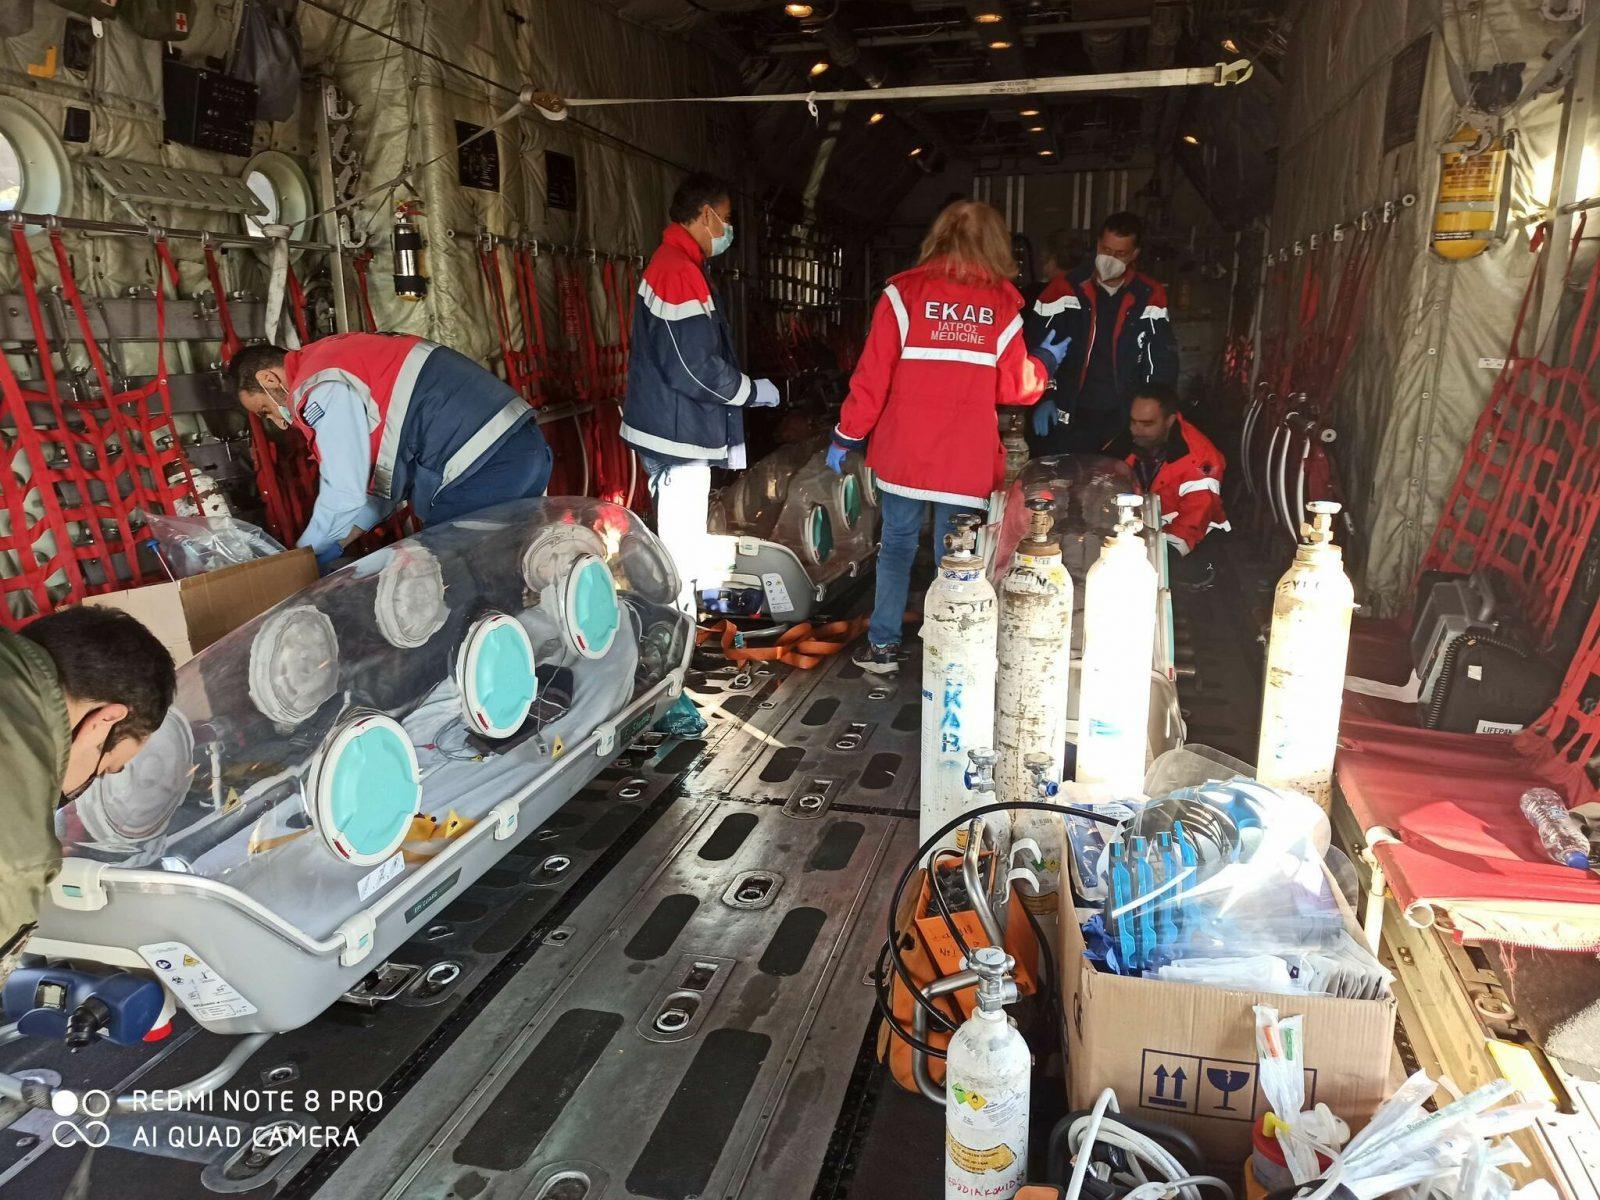 ΕΚΑΒ: Η πρώτη πετυχημένη αεροδιακομιδή από Καβάλα σε Αθήνα